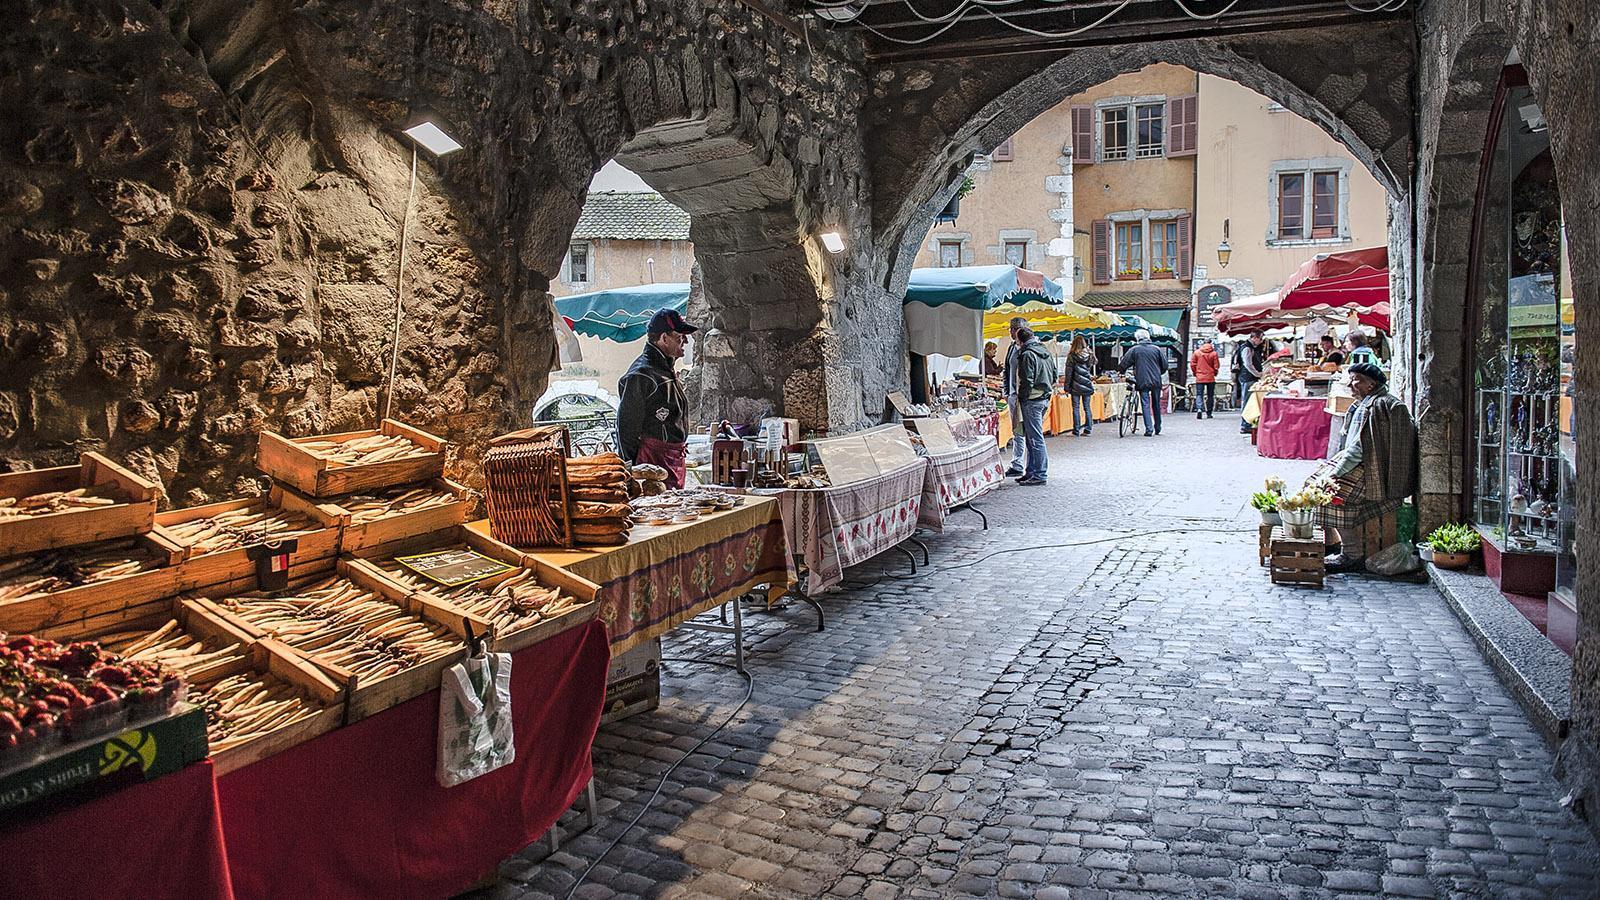 Jeden Sonntag ist Markt in der Altstadt von Annecy. Foto: Hilke Maunder